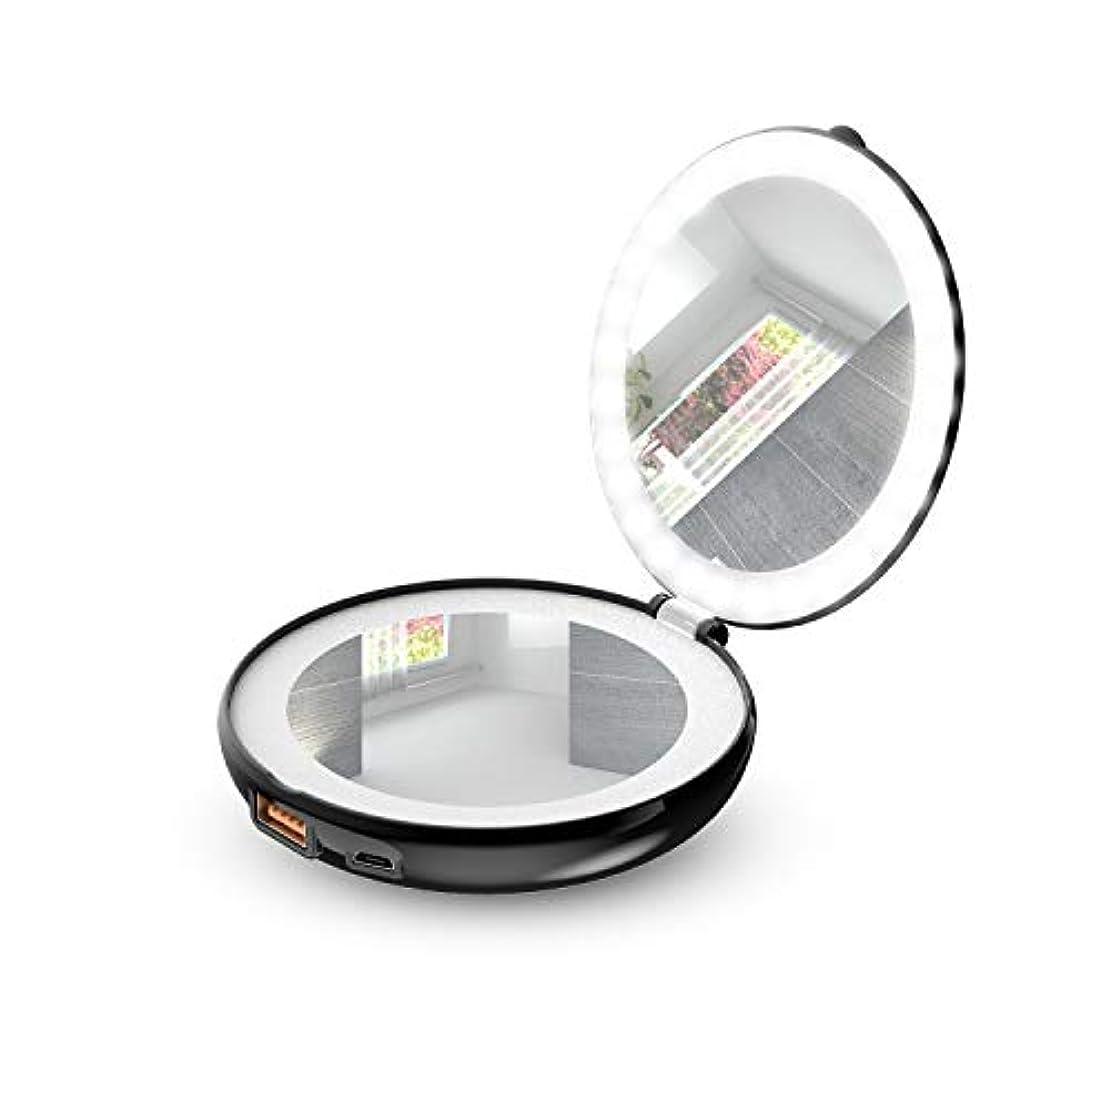 伝えるすることになっている免疫する手鏡 折り畳み式化粧鏡 メイクアップミラー LEDライト&モバイルバッテリー付き (ブラック)